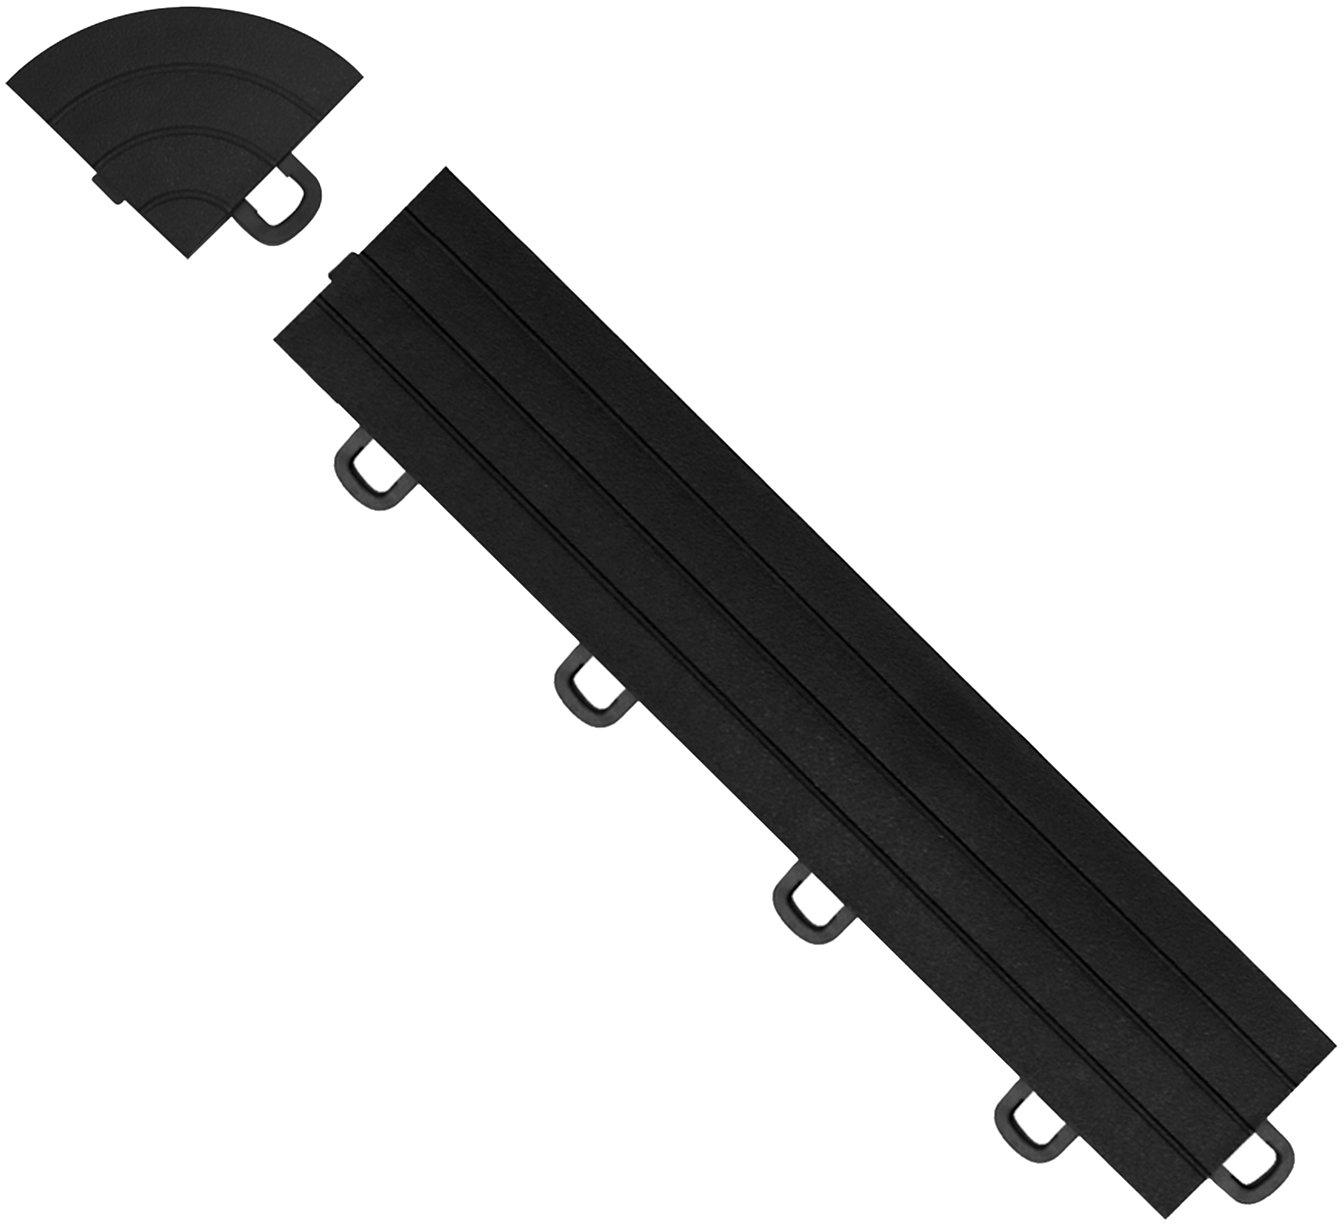 Black 14-Pack BlockTile R1US4212 Interlocking Ramp Edges With Loops